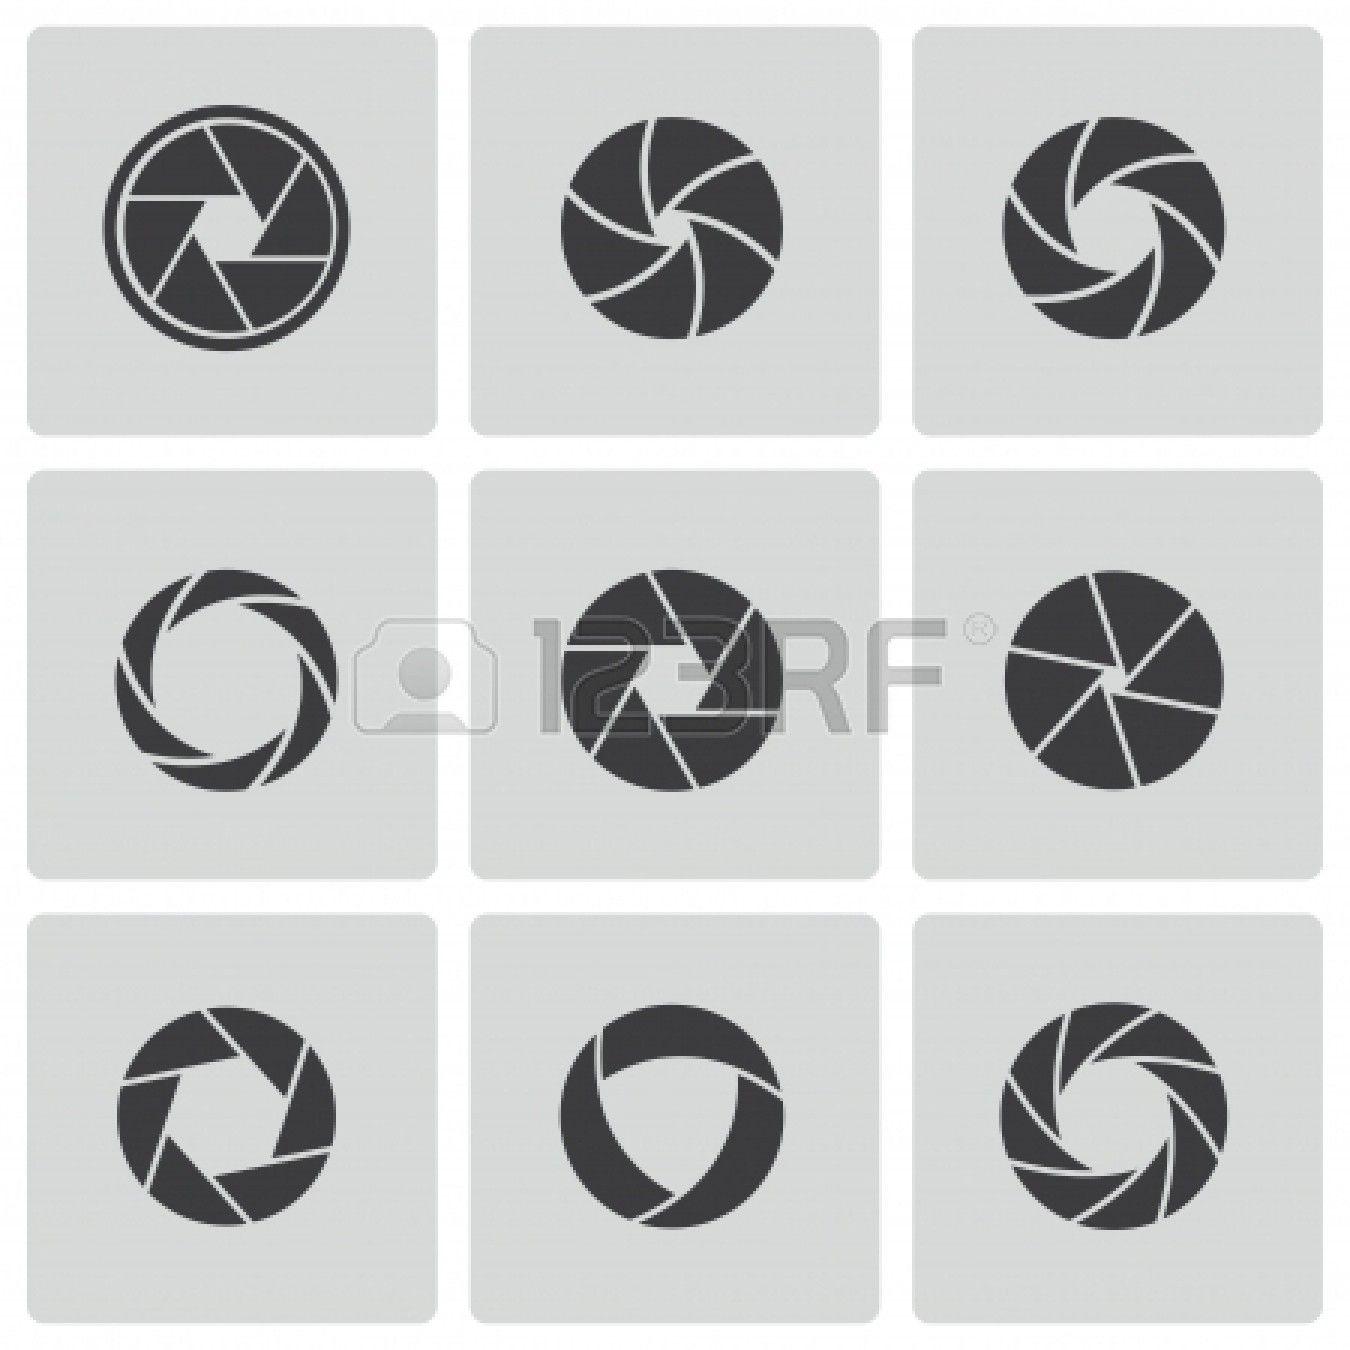 Iconos De Camara De Obturacion Ajustada Icono De Camara Tatuaje De Camara Logotipos De Fotografia